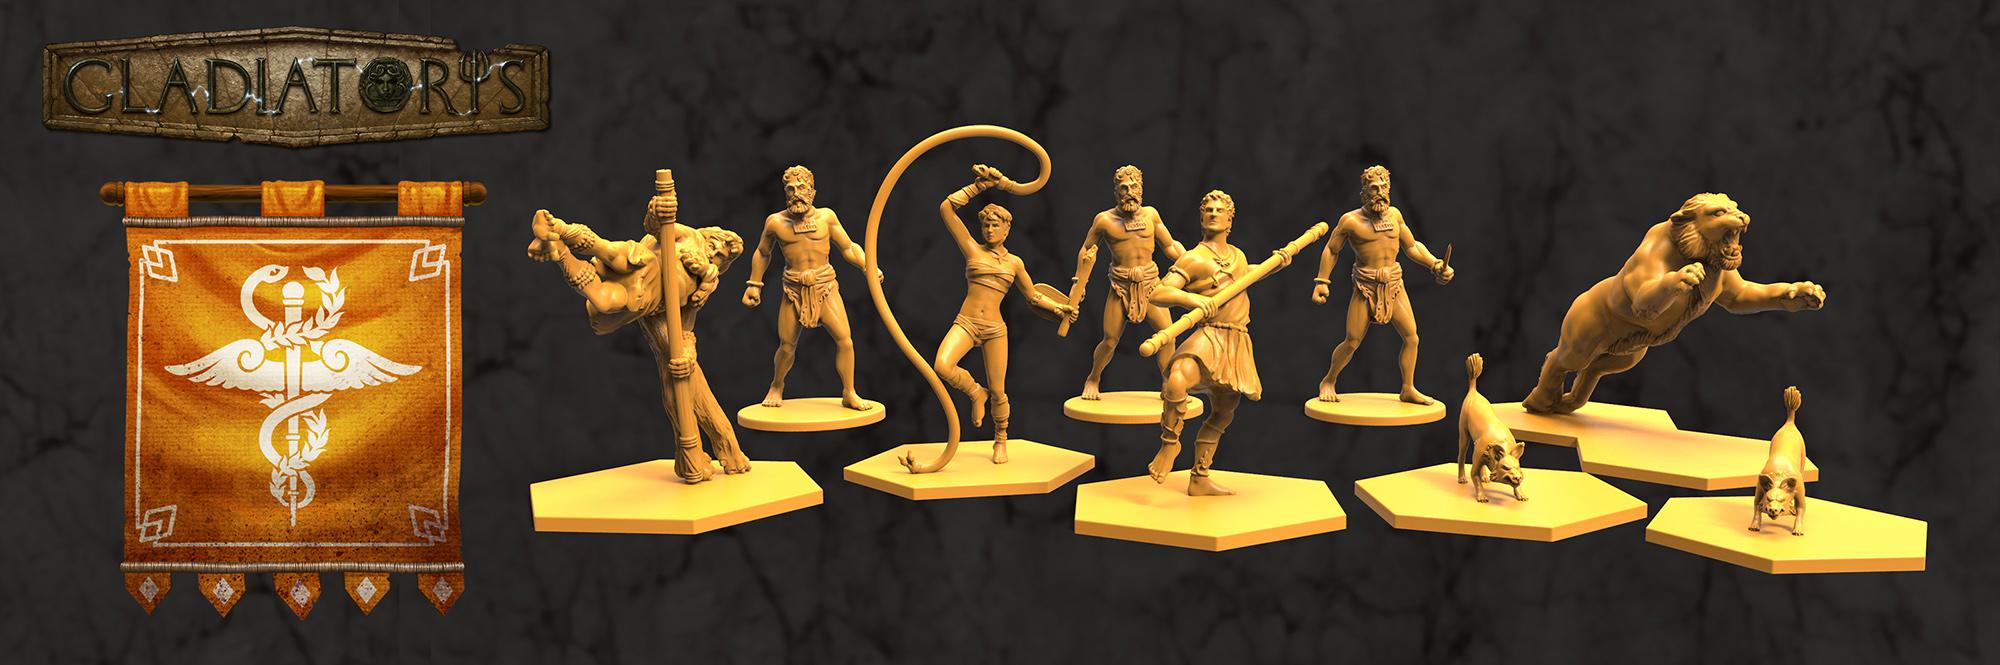 Gladiatoris - Petauristae